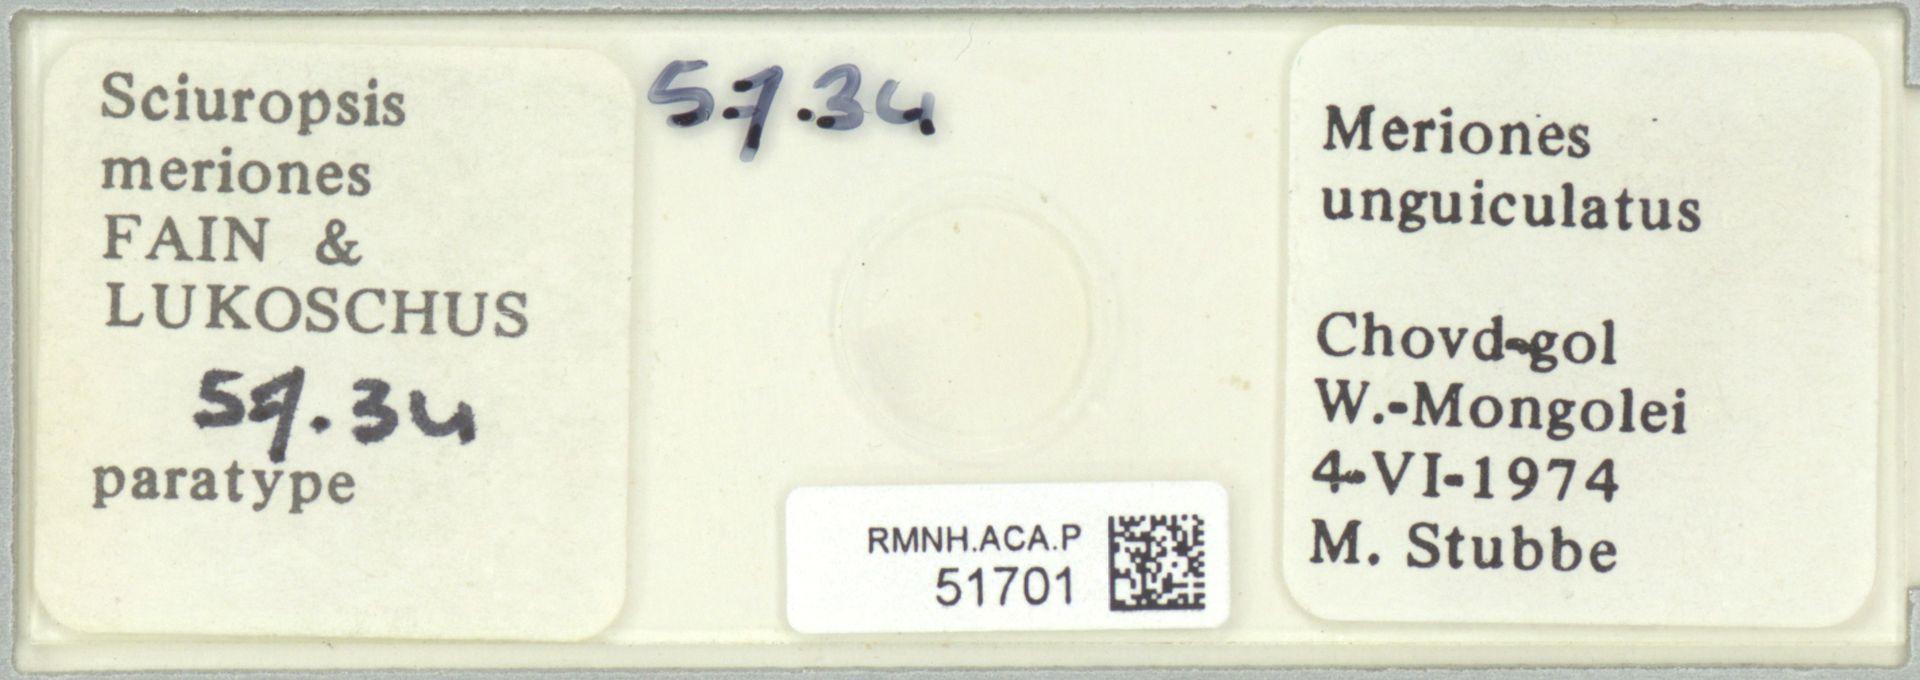 RMNH.ACA.P.51701 | Sciuropsis meriones Fain & Lukoschus